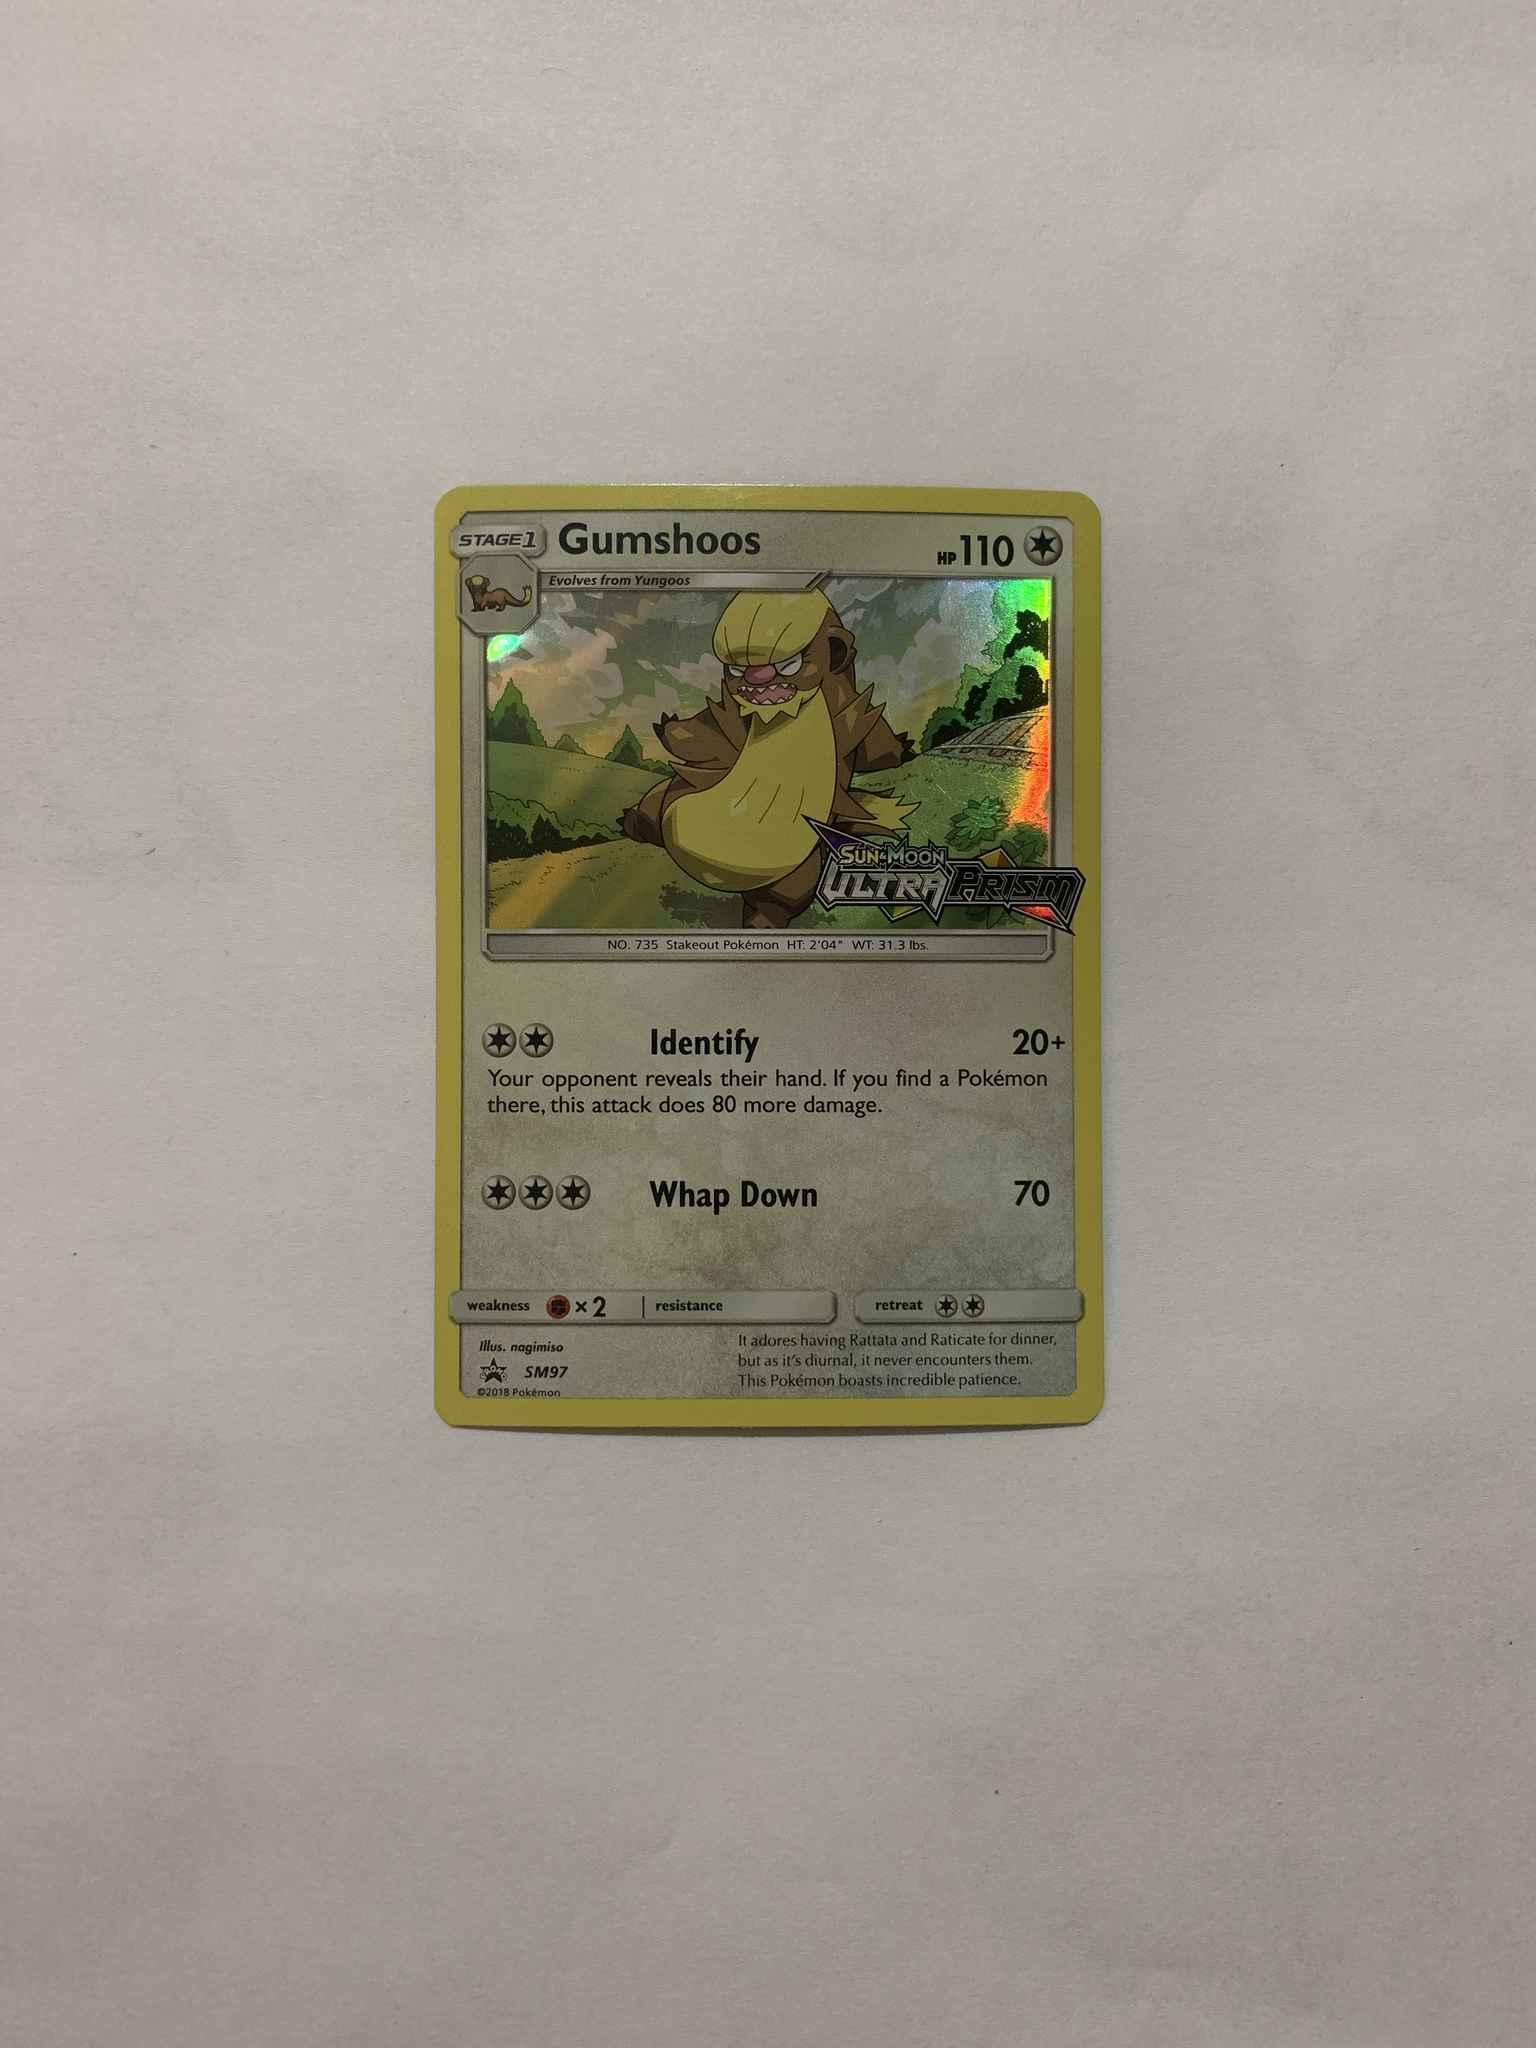 PL//LP Prerelease STAFF Pokemon GUMSHOOS Card BLACK STAR PROMO SM97 Ultra Prism